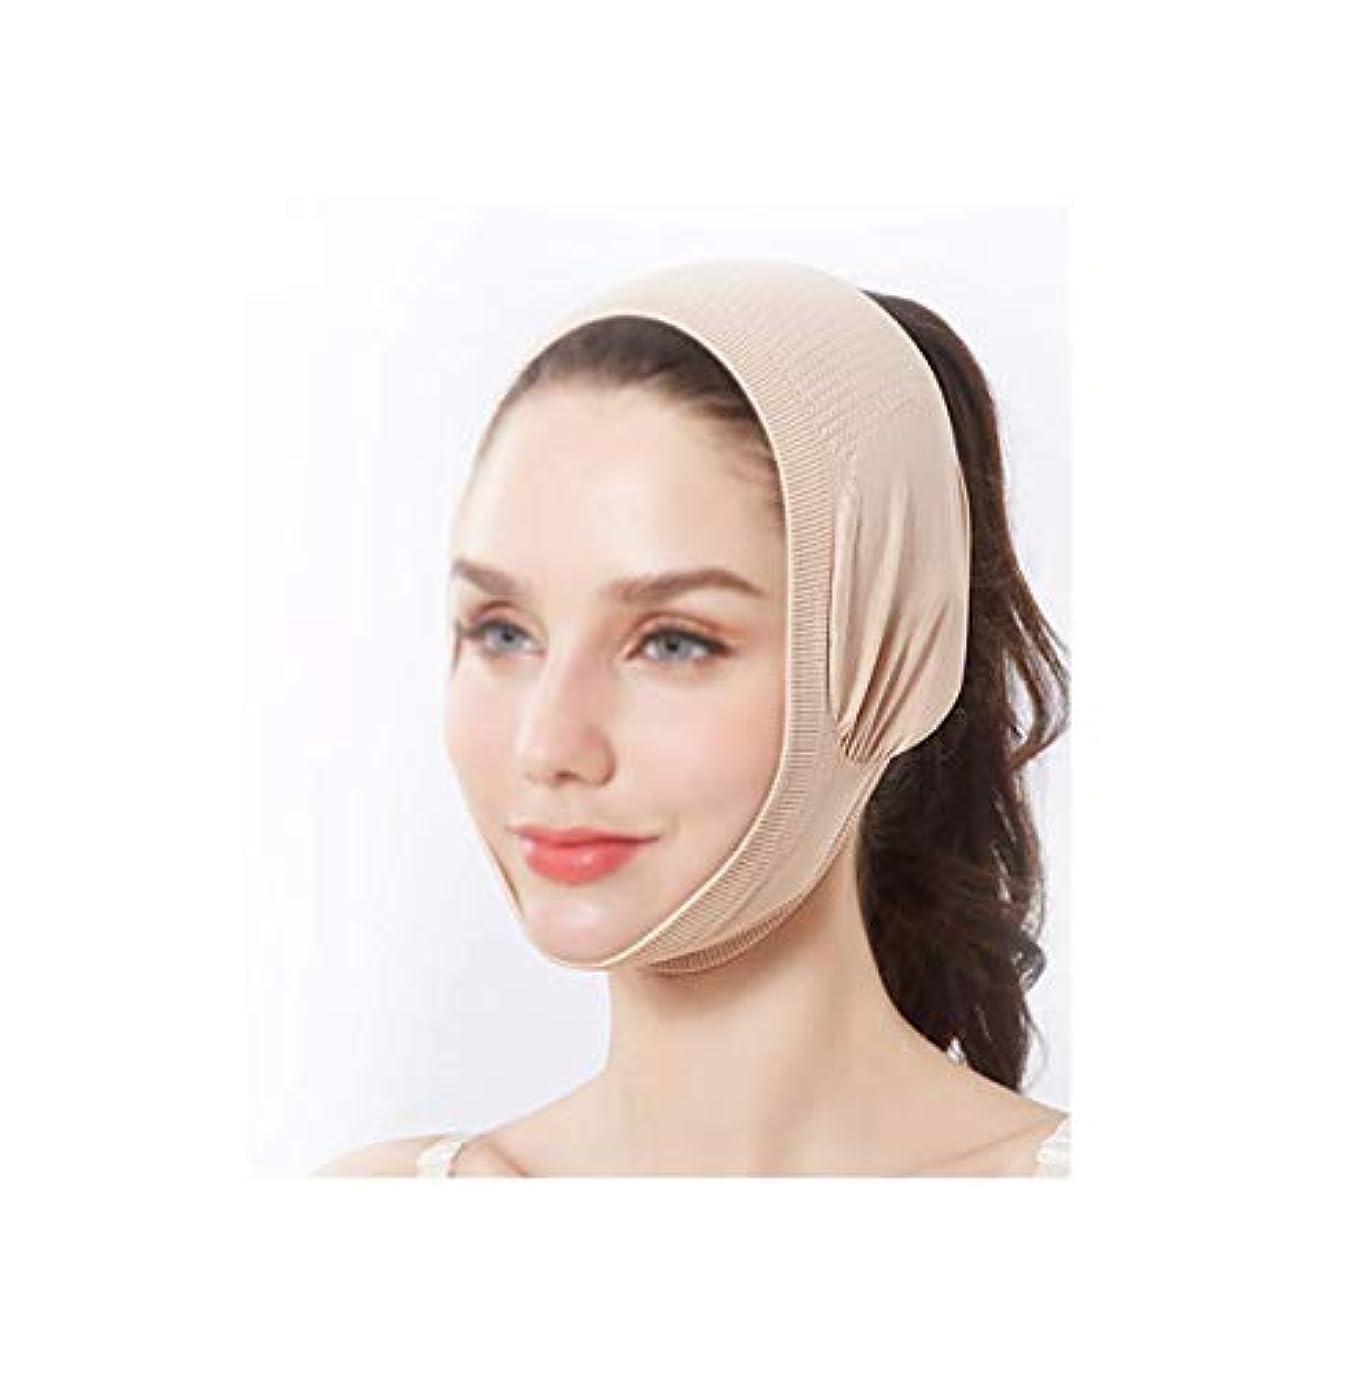 含める花に水をやる速記フェイスリフトマスク、フェイシャルマスクエクステンション強度フェイスレス包帯バンディオンフェイスラージVラインカービングフェイスバックカバーネックストラップ(カラー:肌の色)